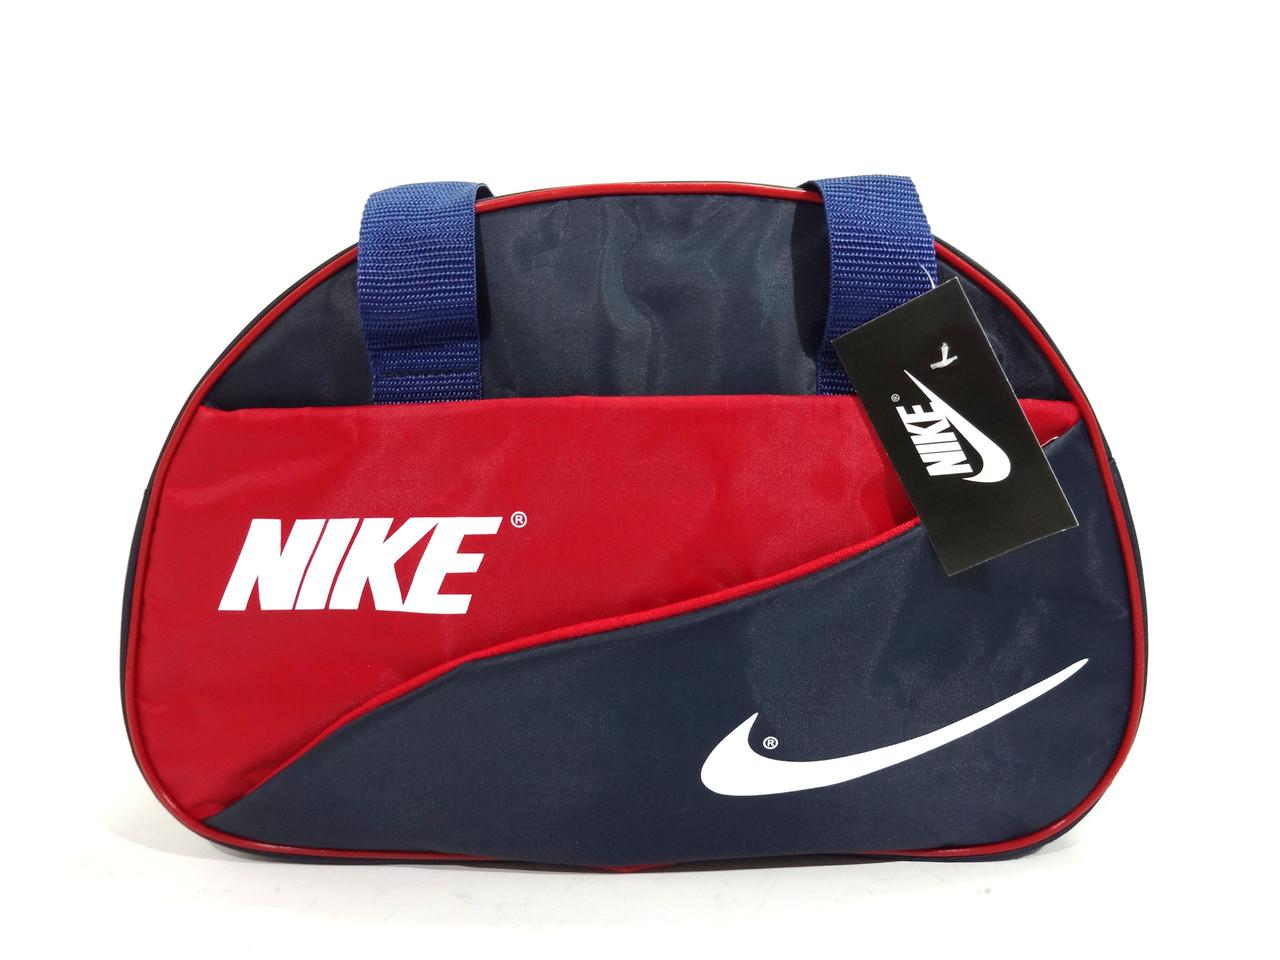 Спортивная синяя с красным сумка Nike (Найк) с длинным ремнем. Недорого реплика